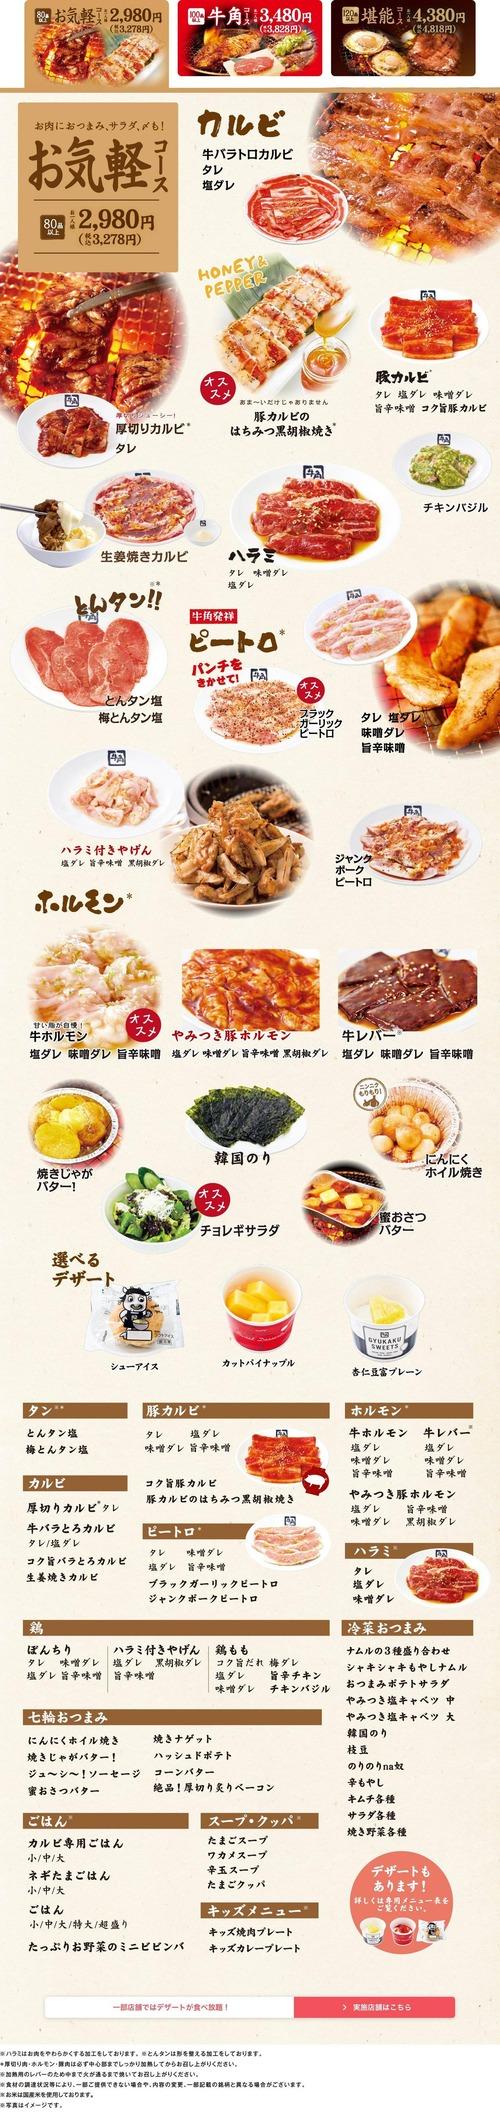 一人焼き肉でアルコール飲まないのに6000円くらいいくんだが